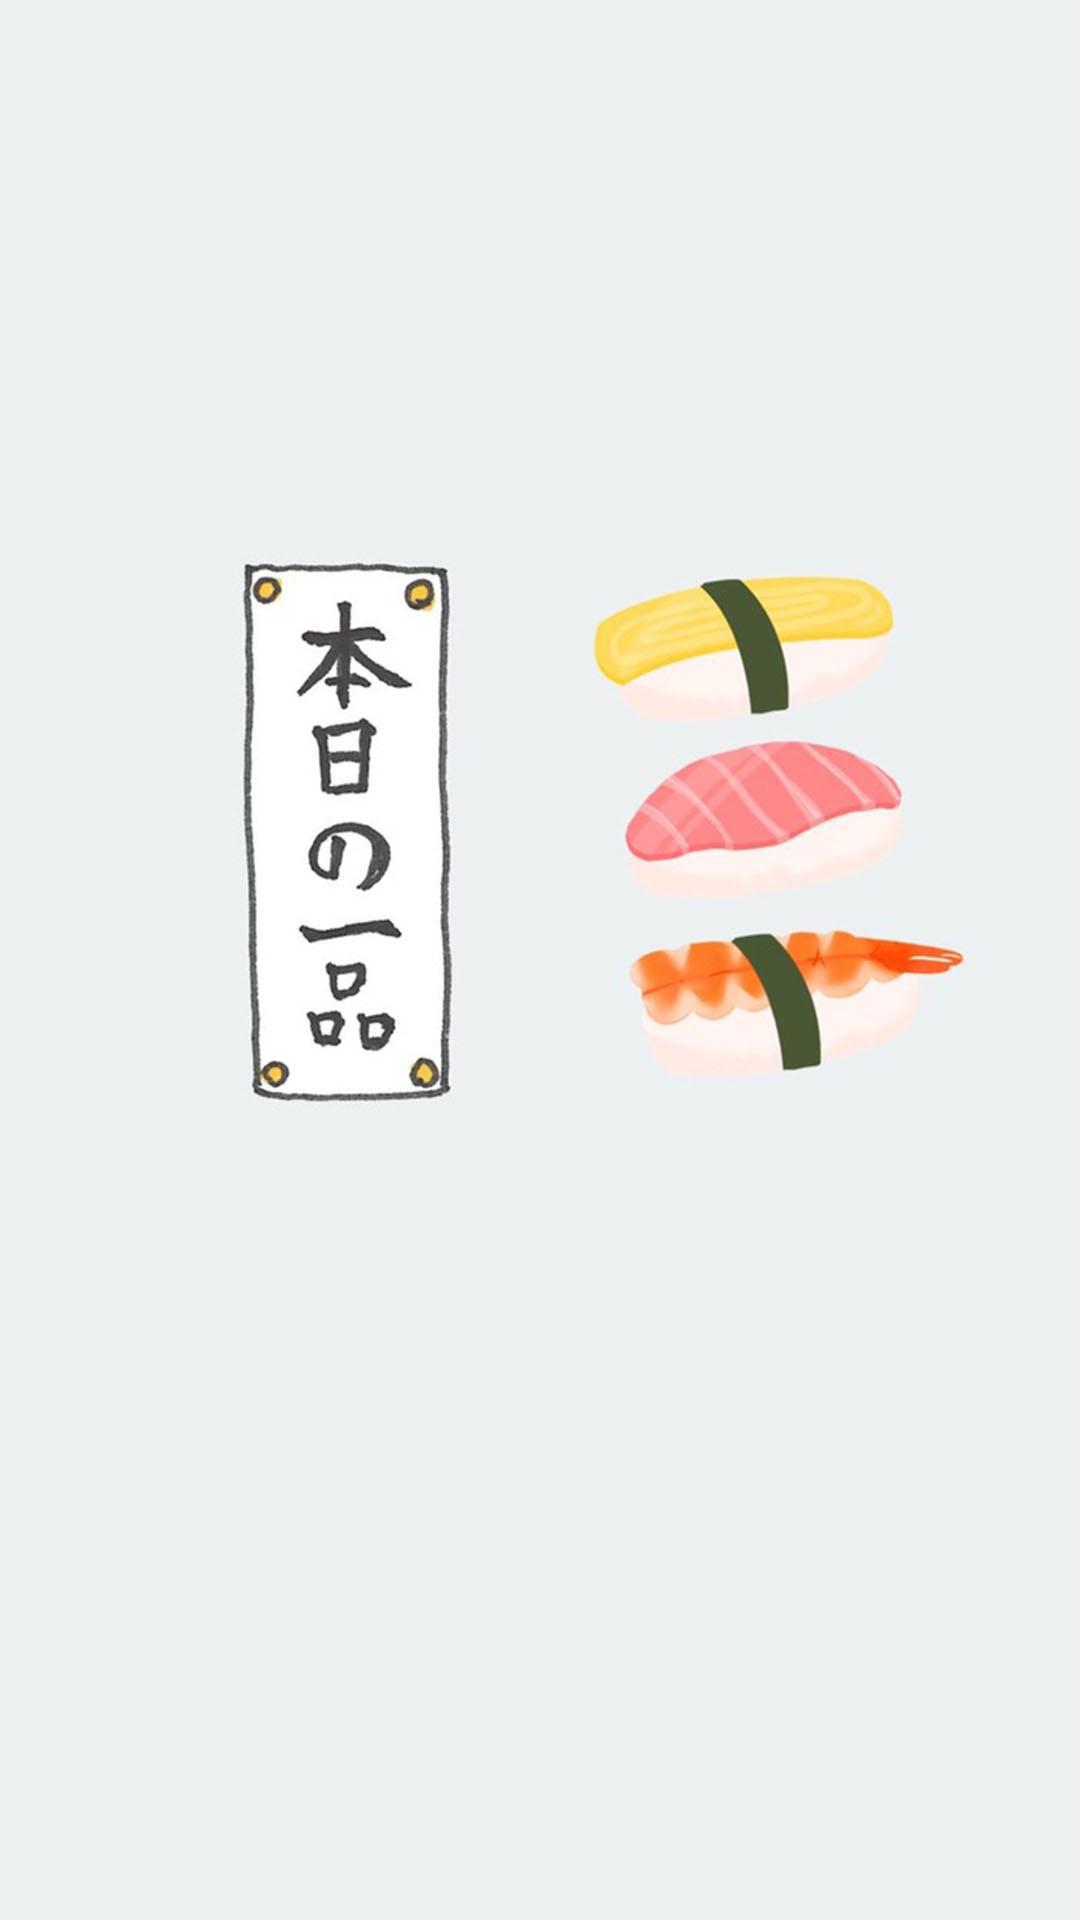 手绘 日本寿司 苹果手机高清壁纸 1080x1920_爱思助手